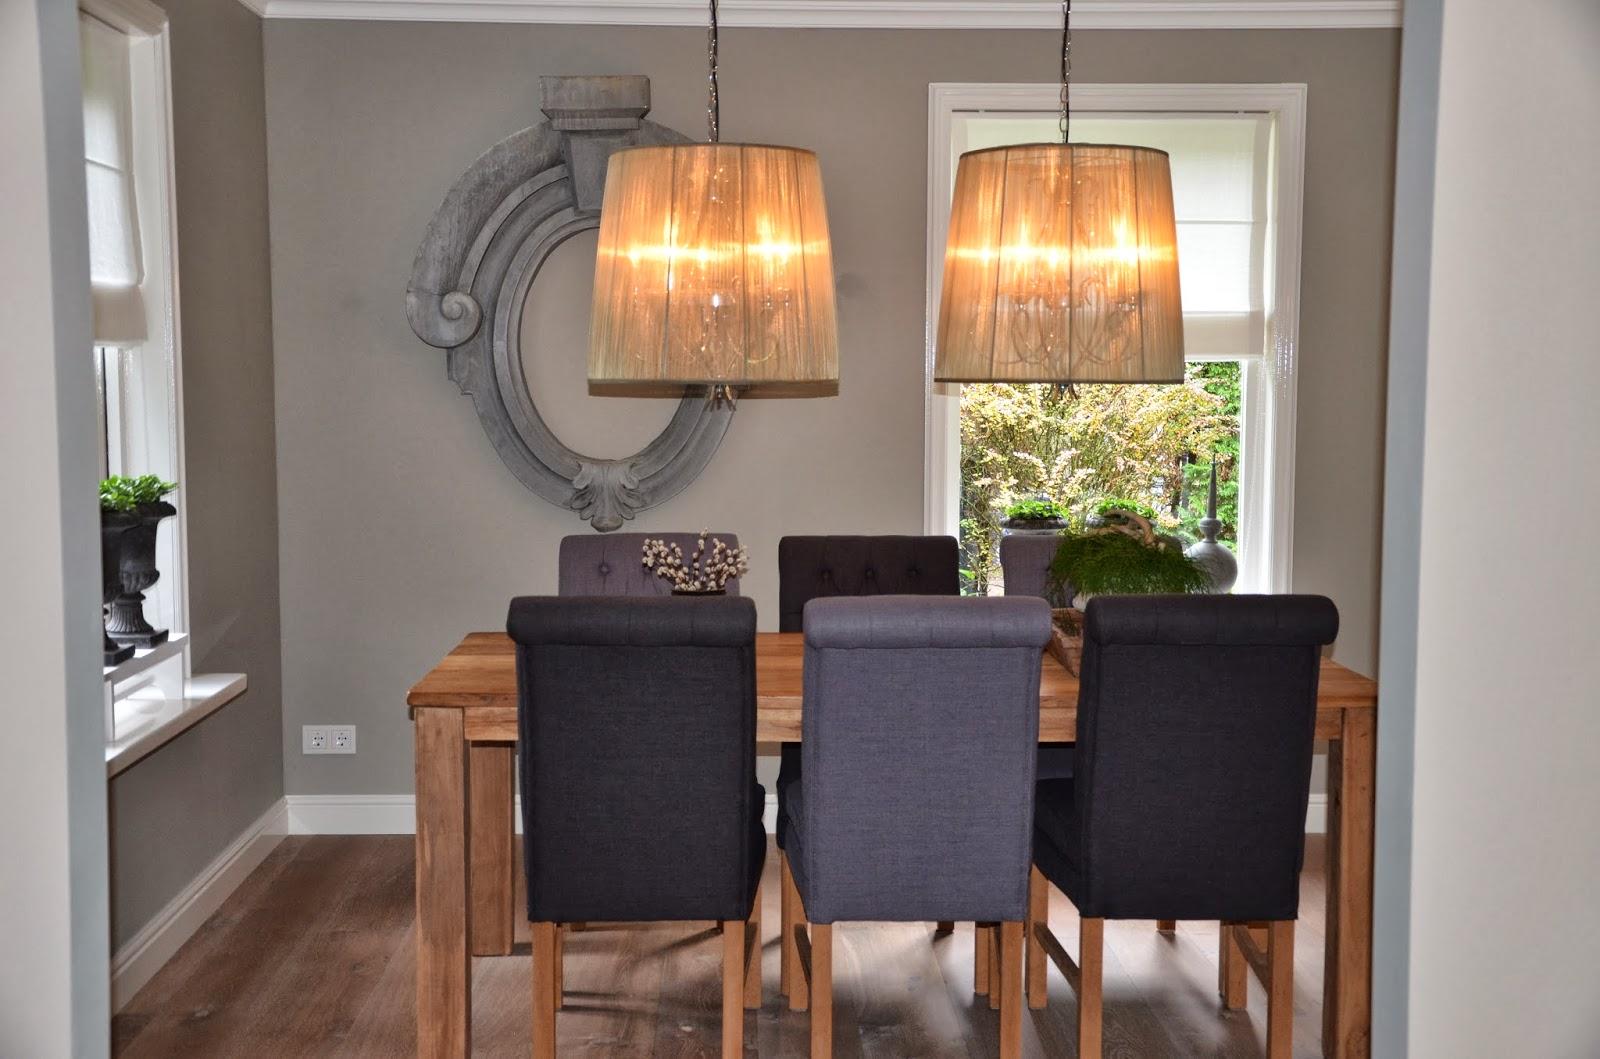 Beautiful hanglamp woonkamer landelijk inspiratie ideeën huis